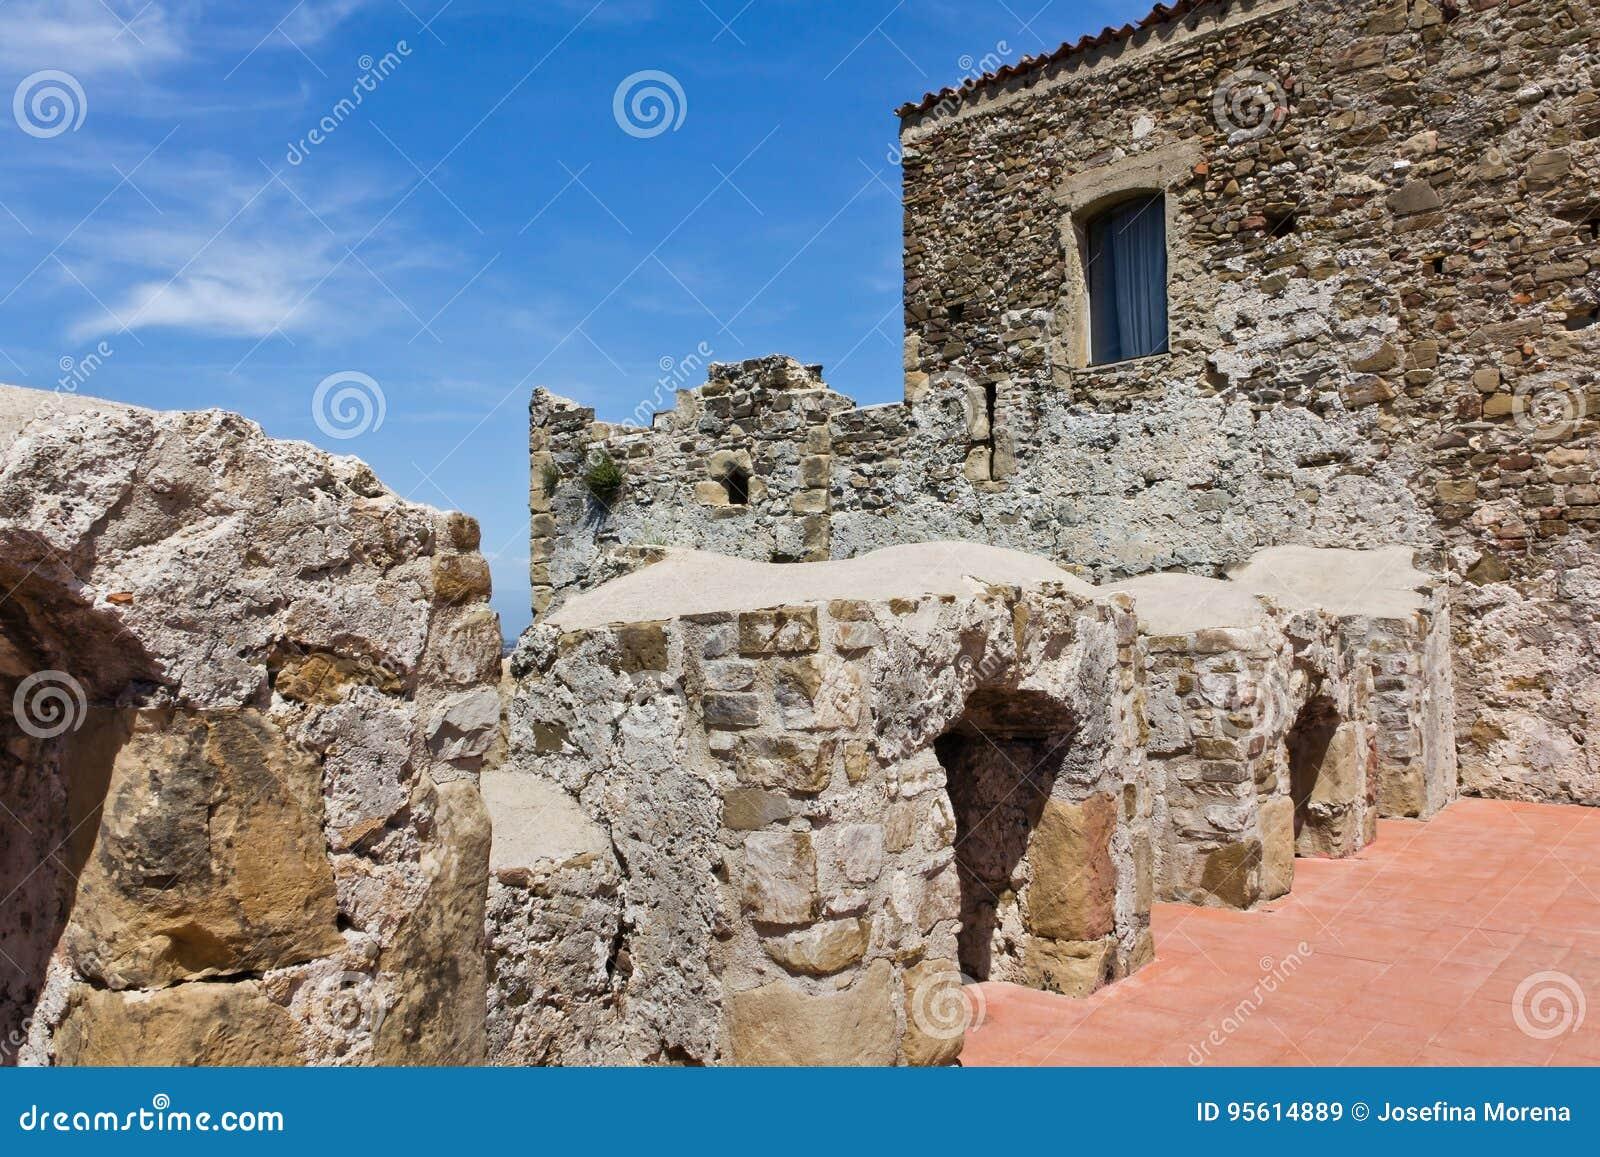 Agropoli Aragonese Castle